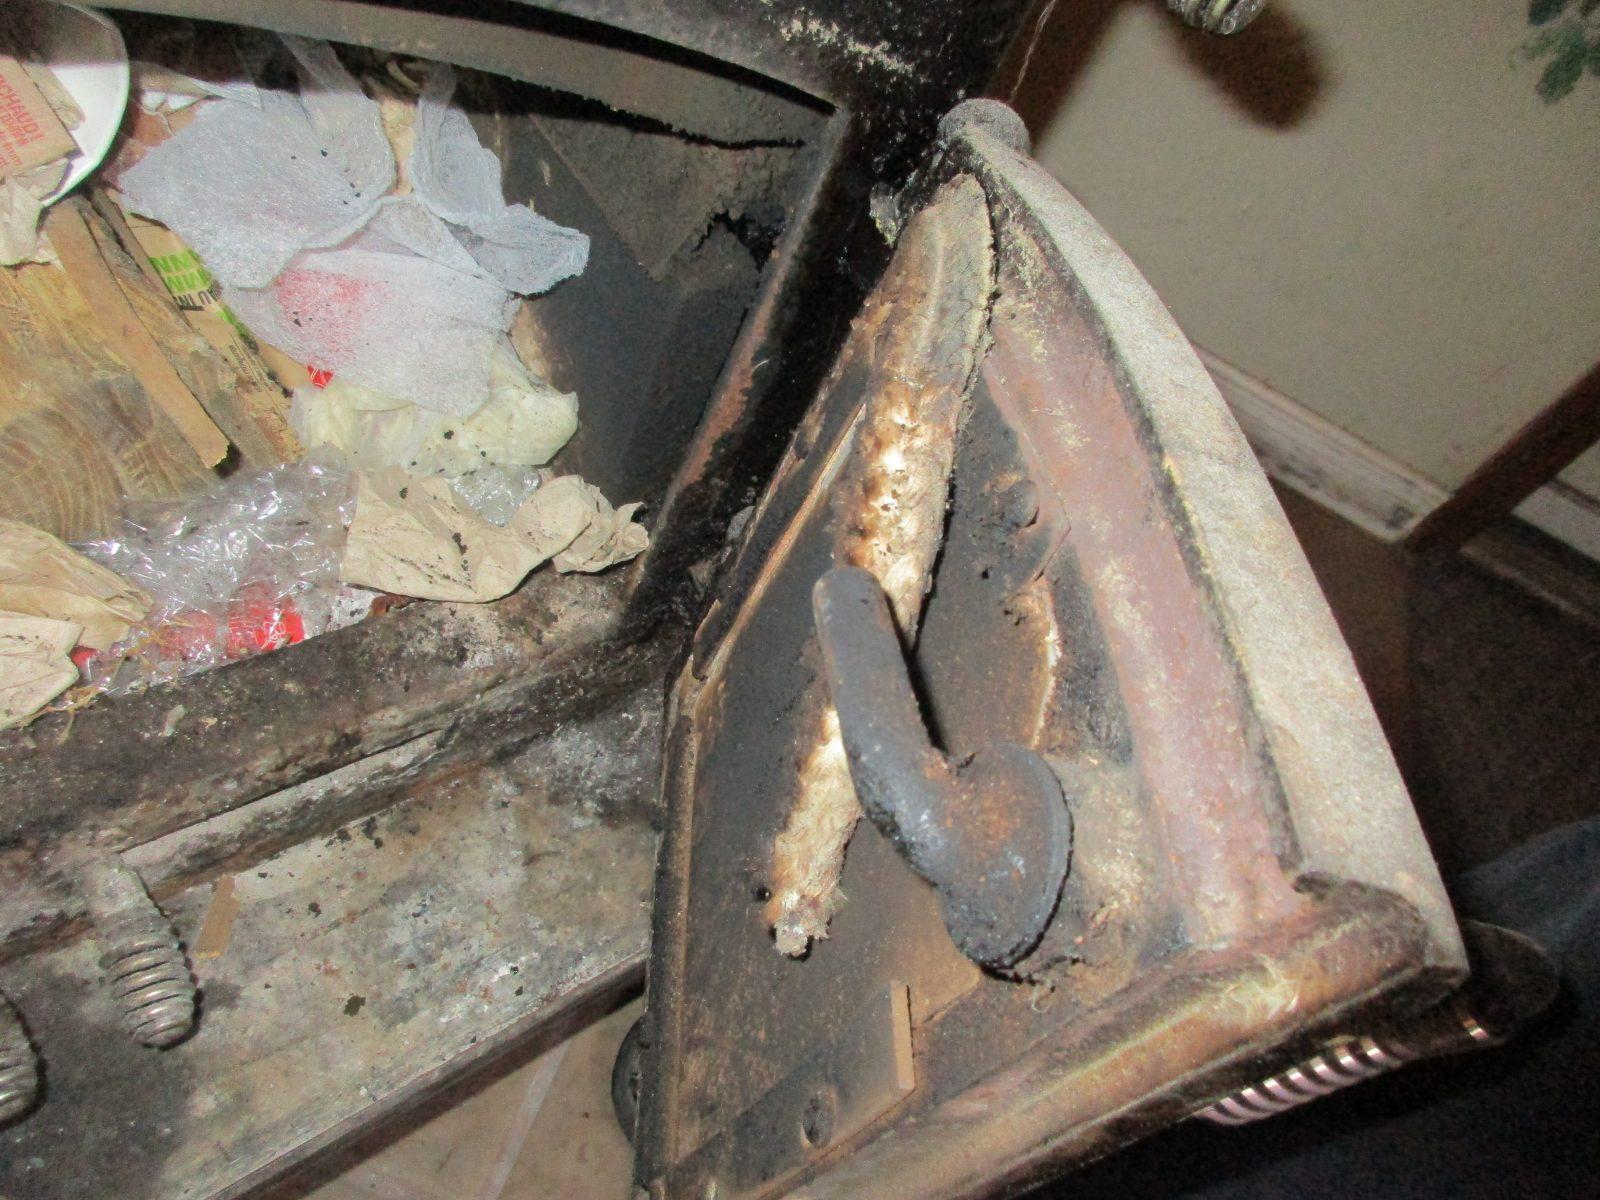 Seal has failed on wood stove door